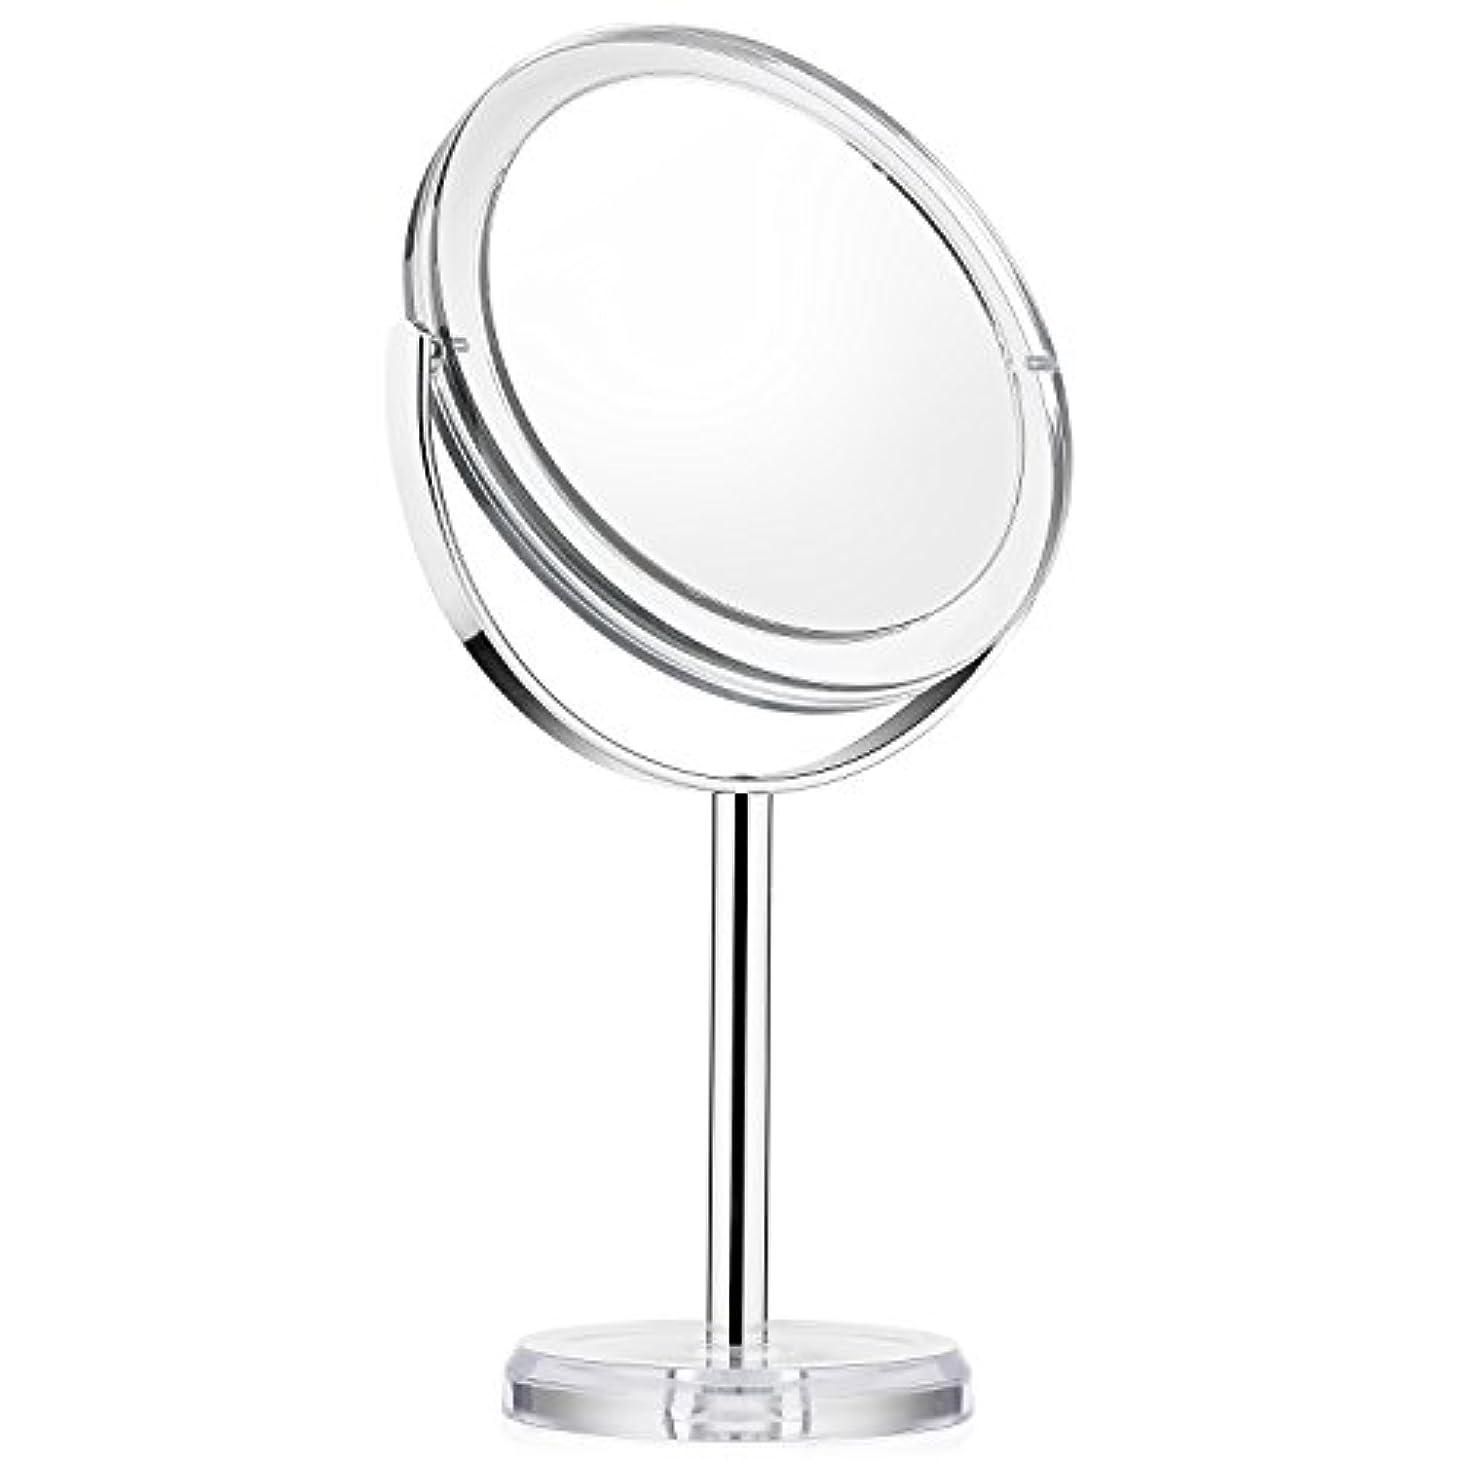 汚すその宣教師化粧ミラー Beautifive 鏡 卓上 化粧鏡 メイクミラー 卓上ミラー スタンドミラー卓上 等倍卓上両面鏡 卓上鏡 7倍拡大スタンドミラー 360°回転可 光学レズン高解像度